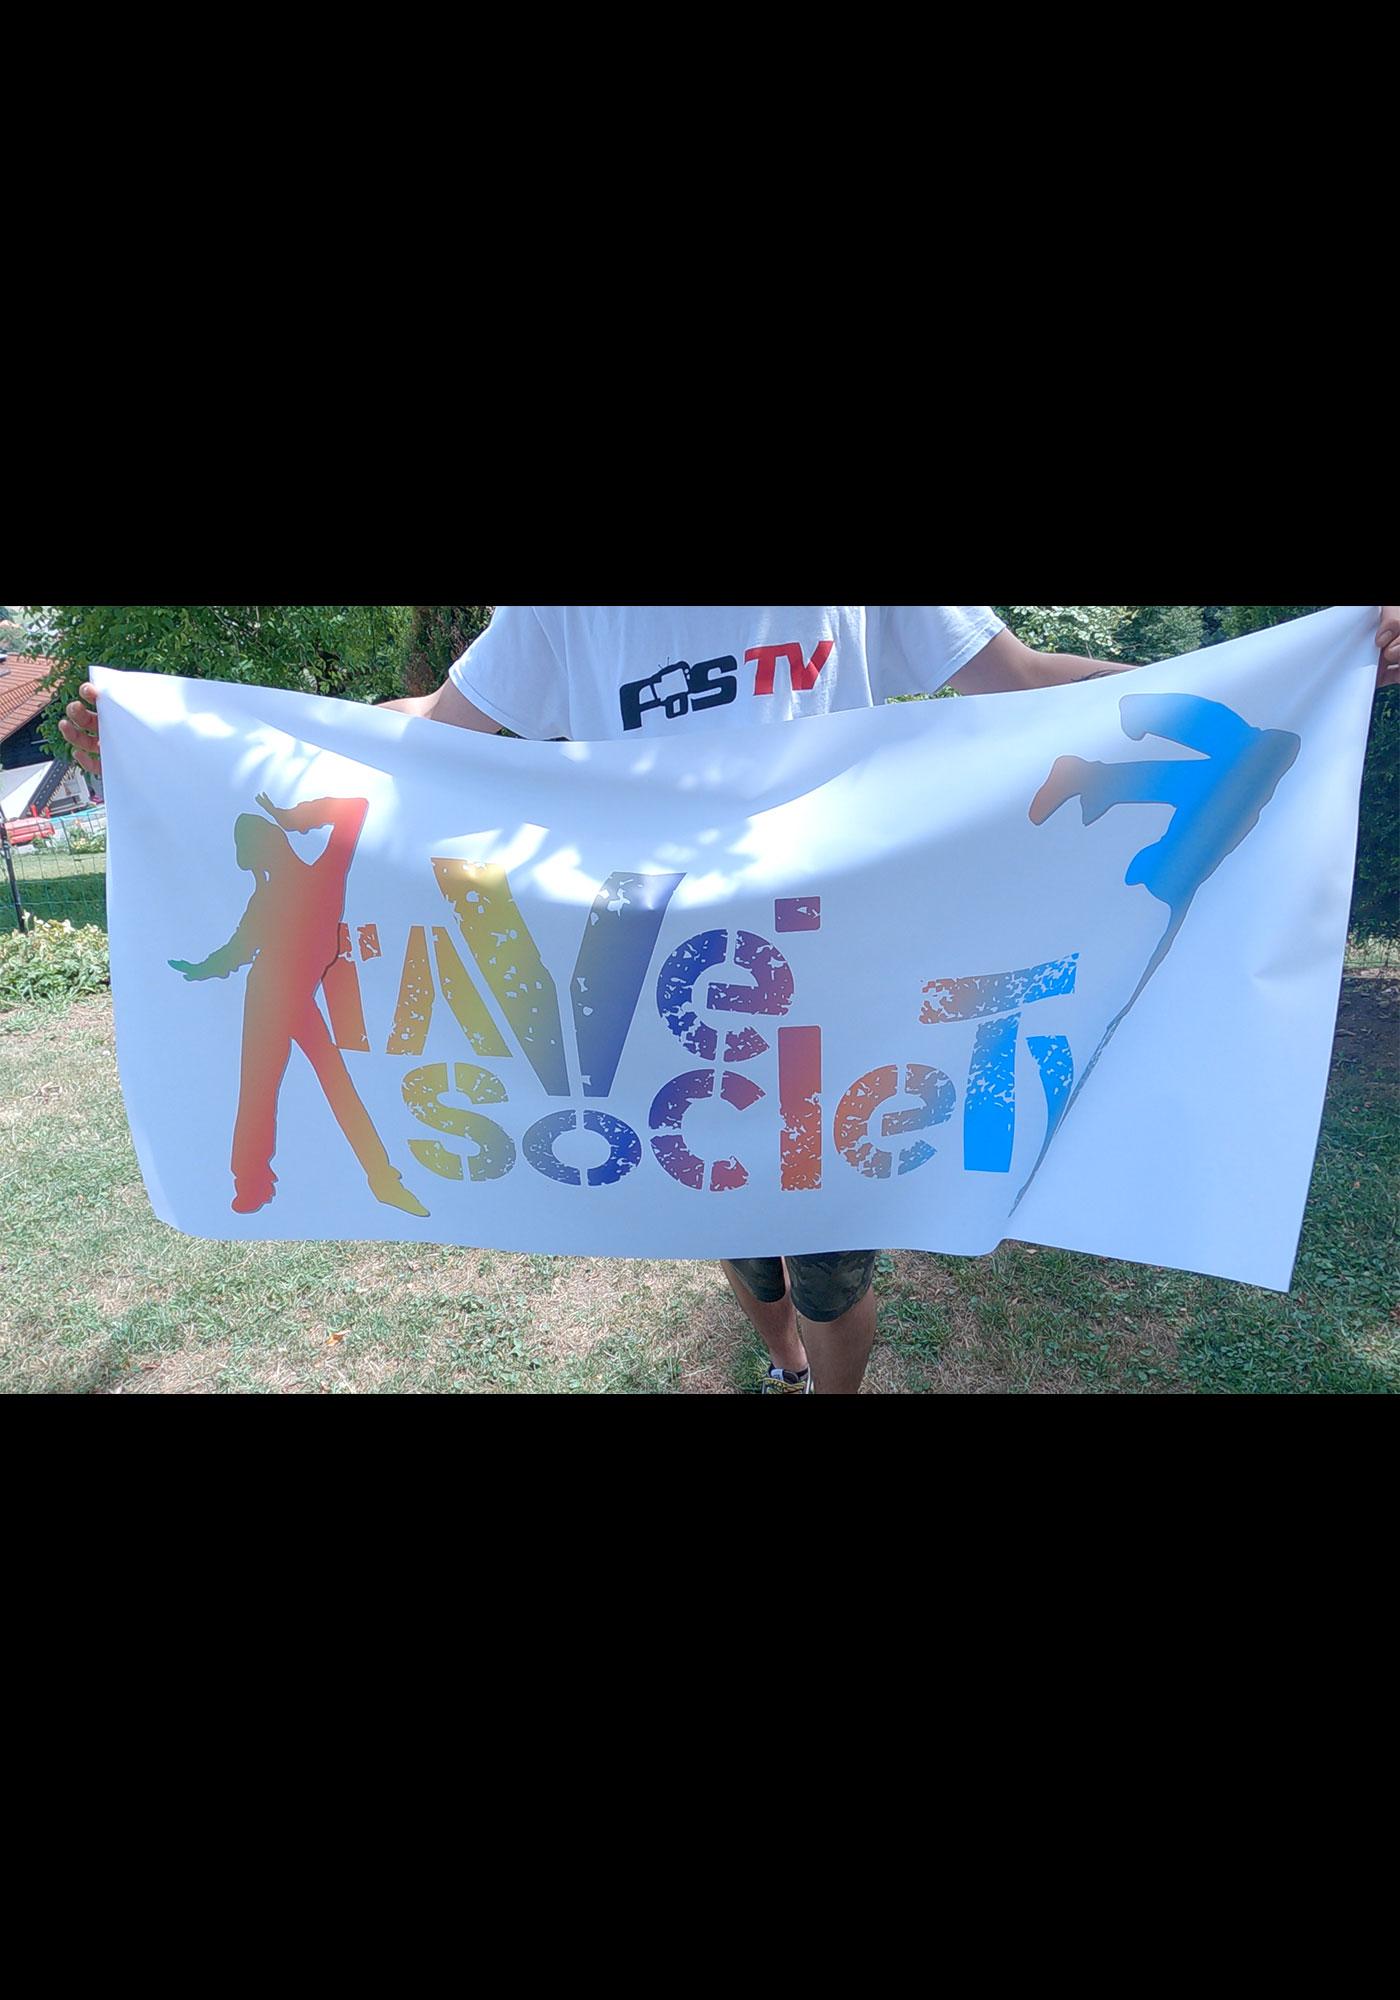 RAVE SOCIETY FLAG